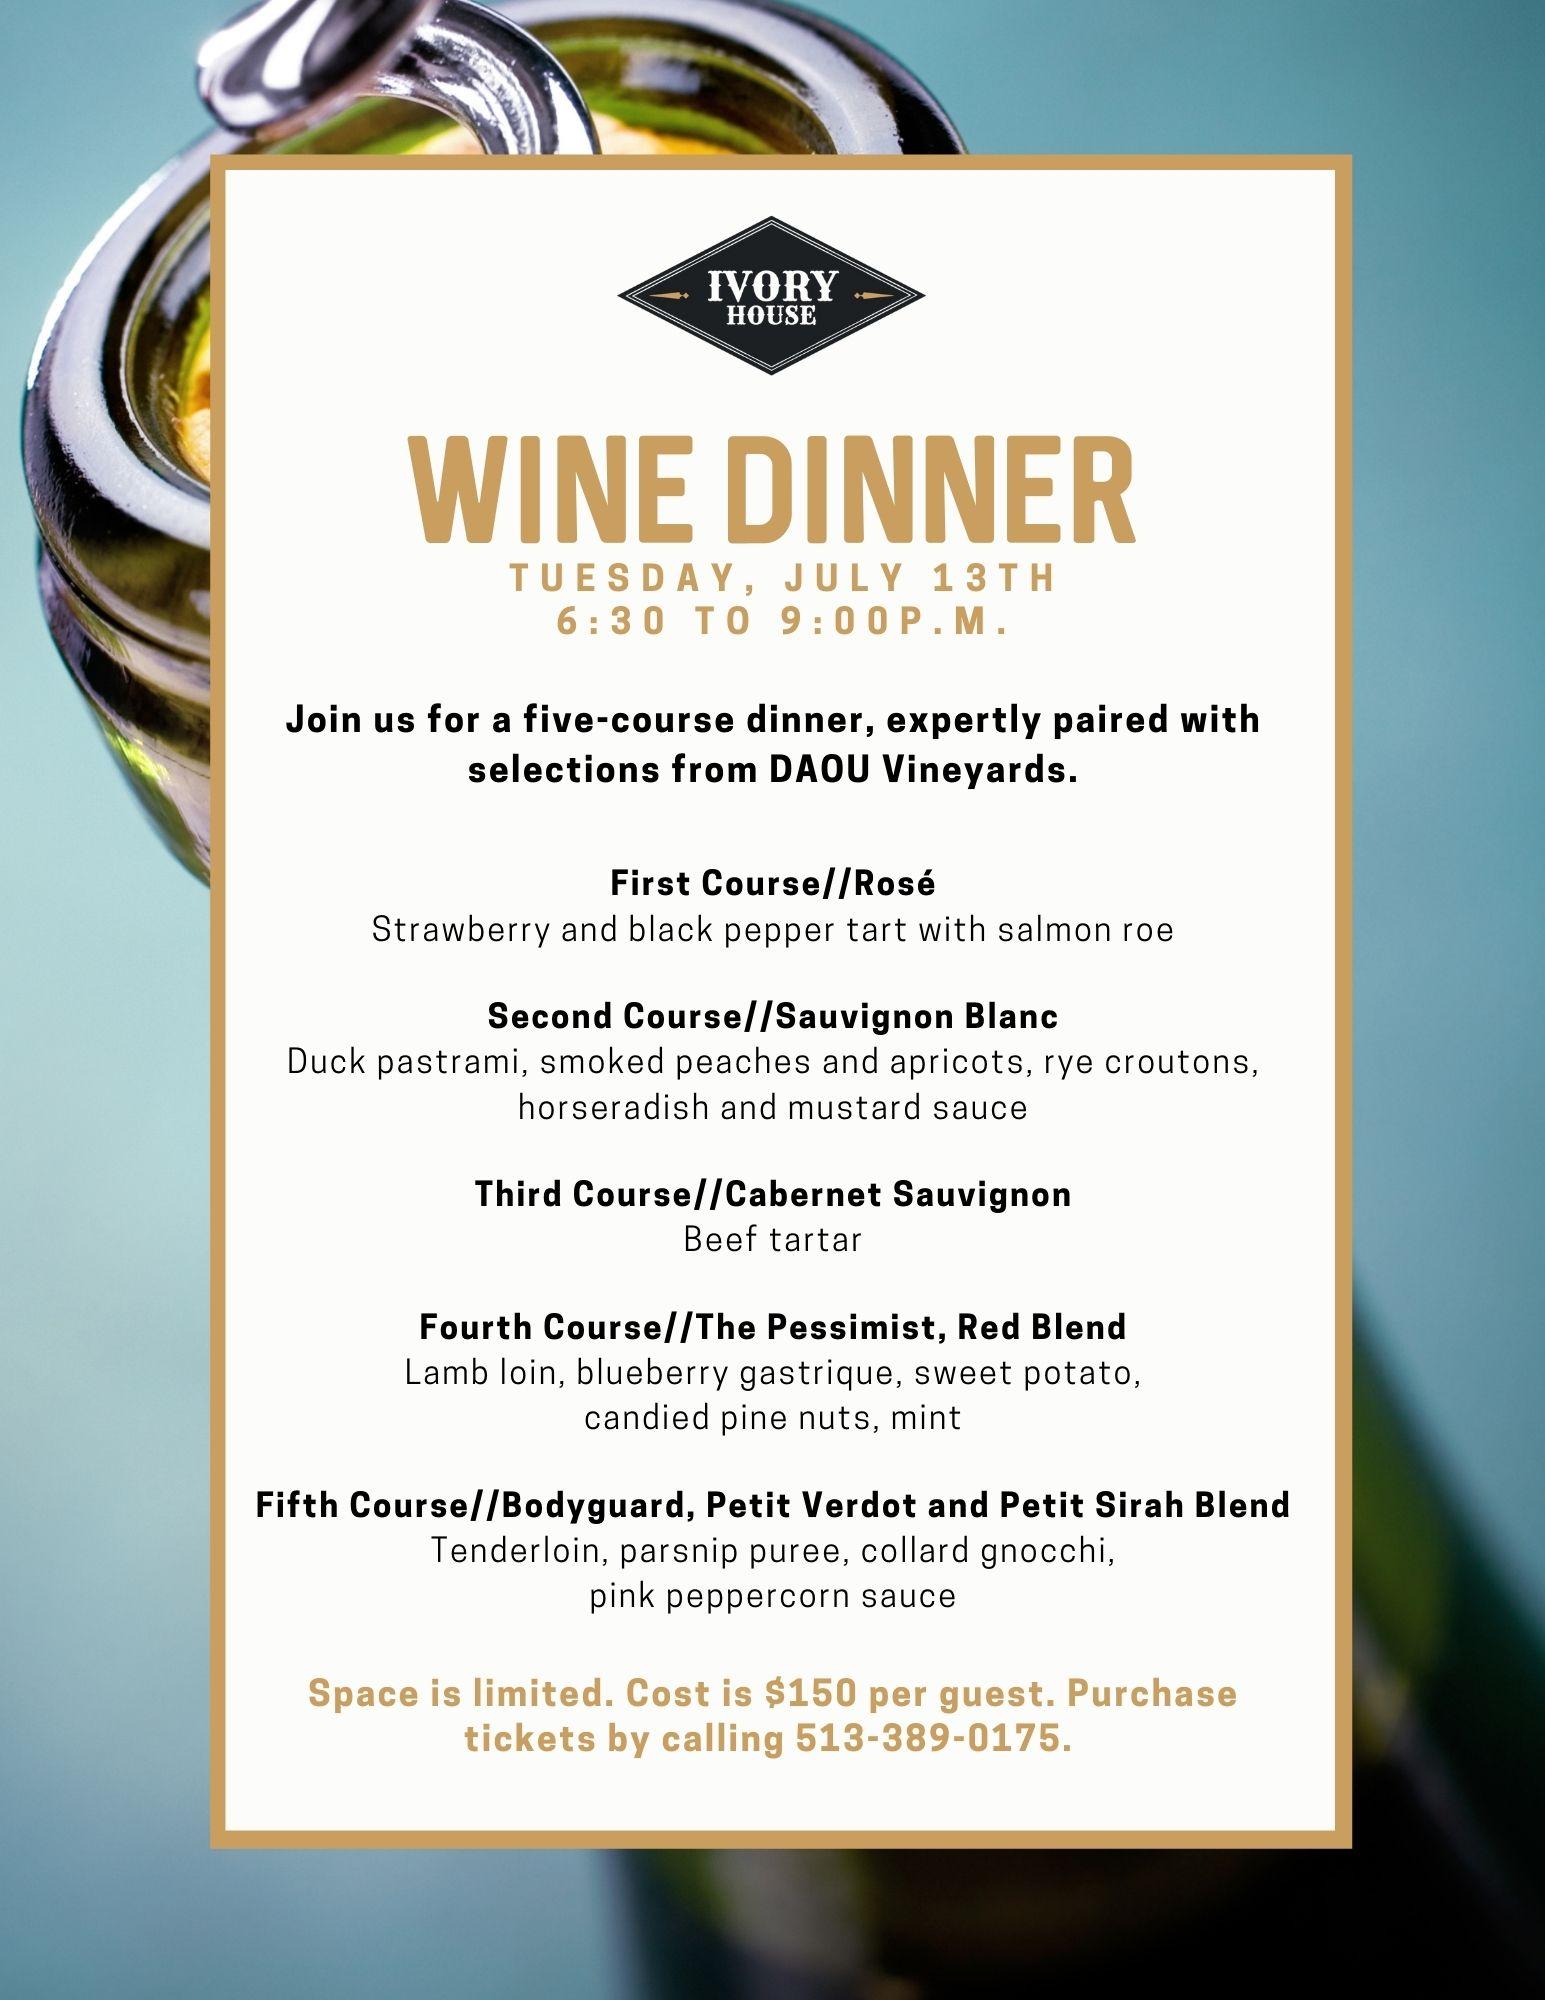 ivory house cincinnati wine dinner daou cincinnati westwood steak casual fine dining